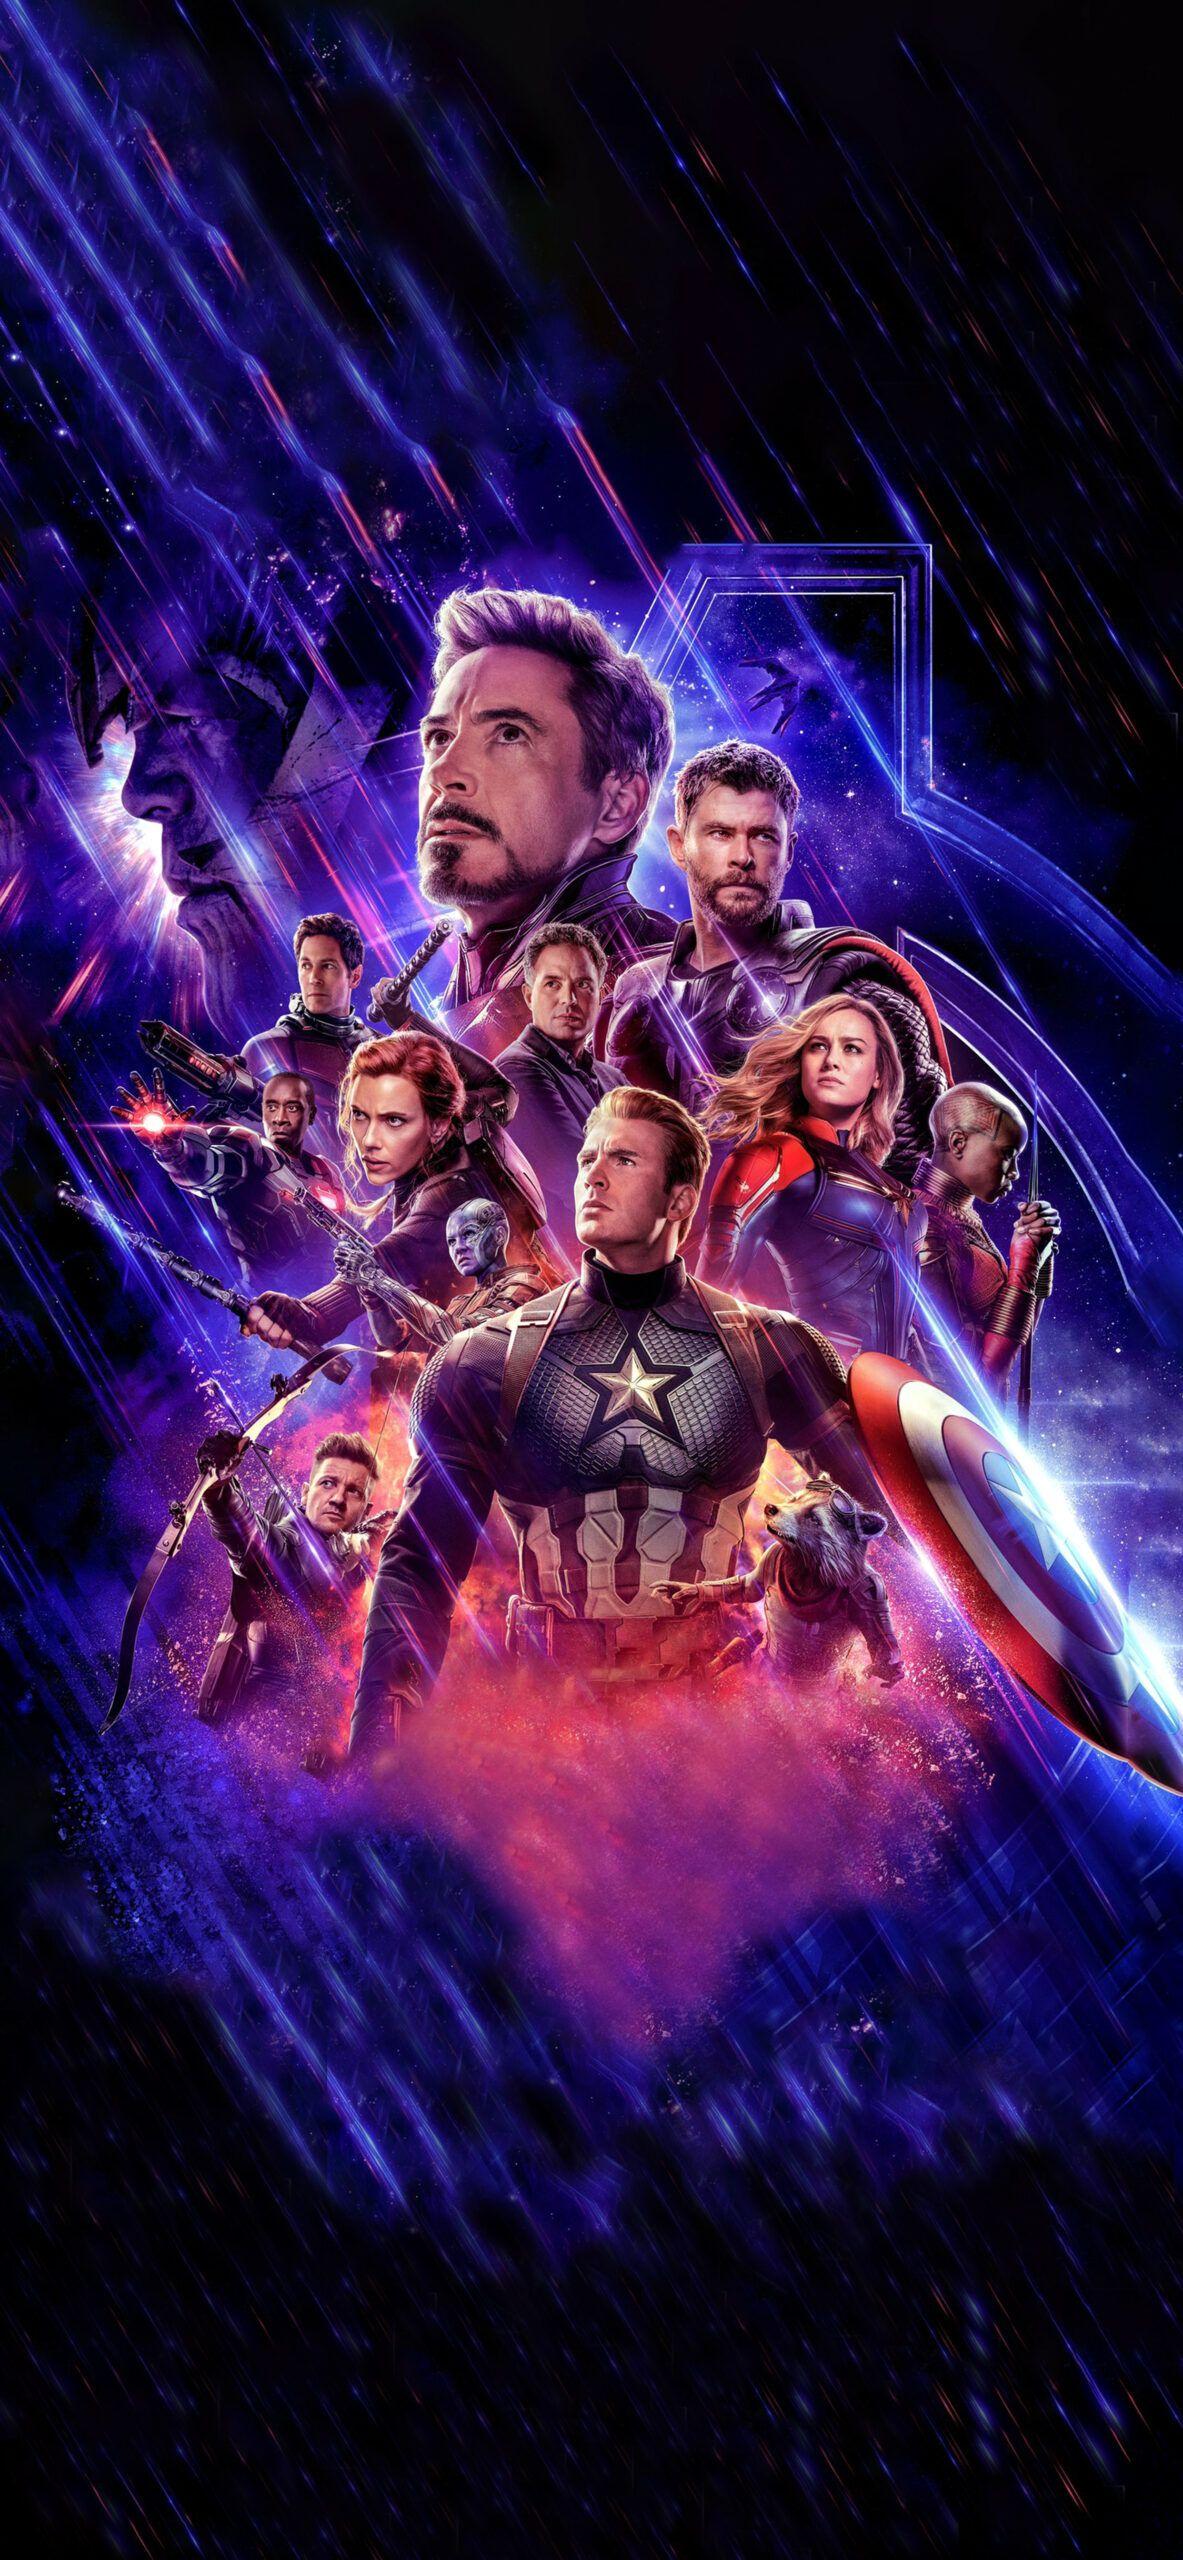 Avengers 4 End Game Art 4k Avengers 4 End Game Movie Wallpapers Hd 4k Avengers 4 End Game Art Hd 4k Wallapeprs Movie Wallpapers Avengers Game Art